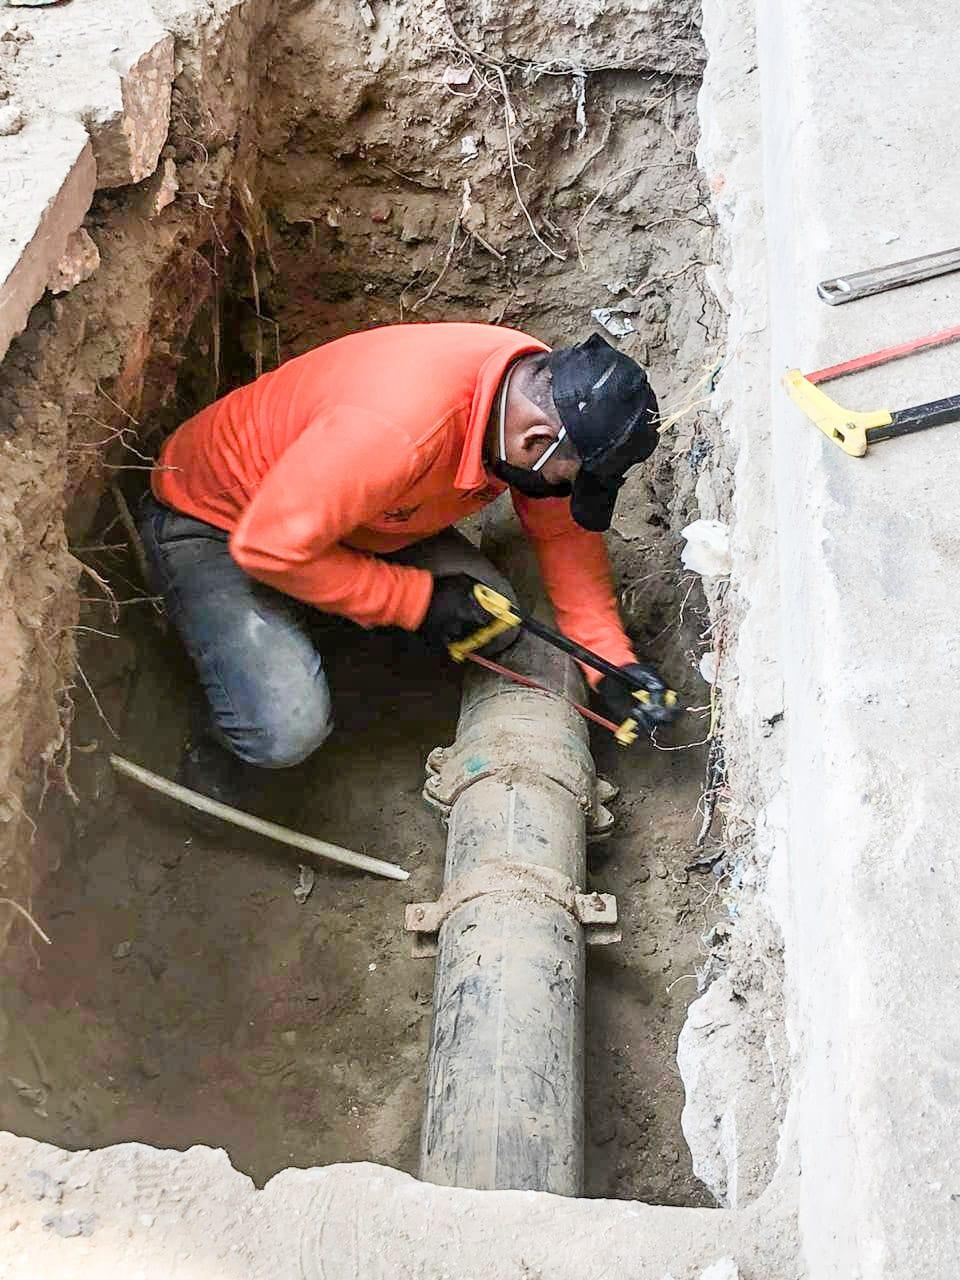 La empresa continúa haciendo los trabajos de desconexión y las pruebas previas al sistema.